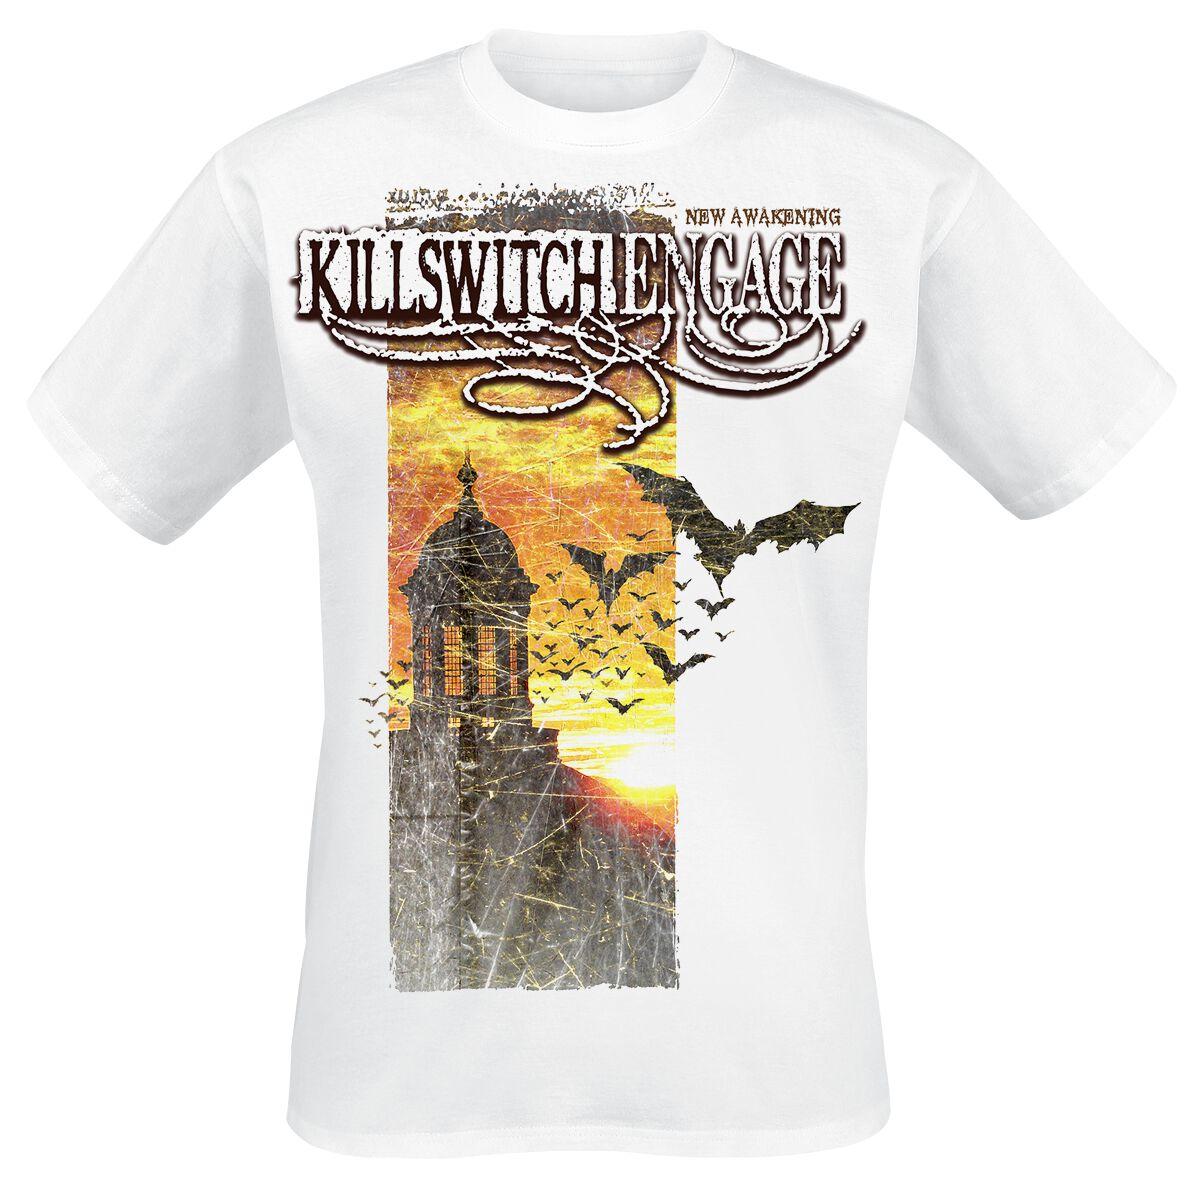 Zespoły - Koszulki - T-Shirt Killswitch Engage New Awakening Banner T-Shirt biały - 364390